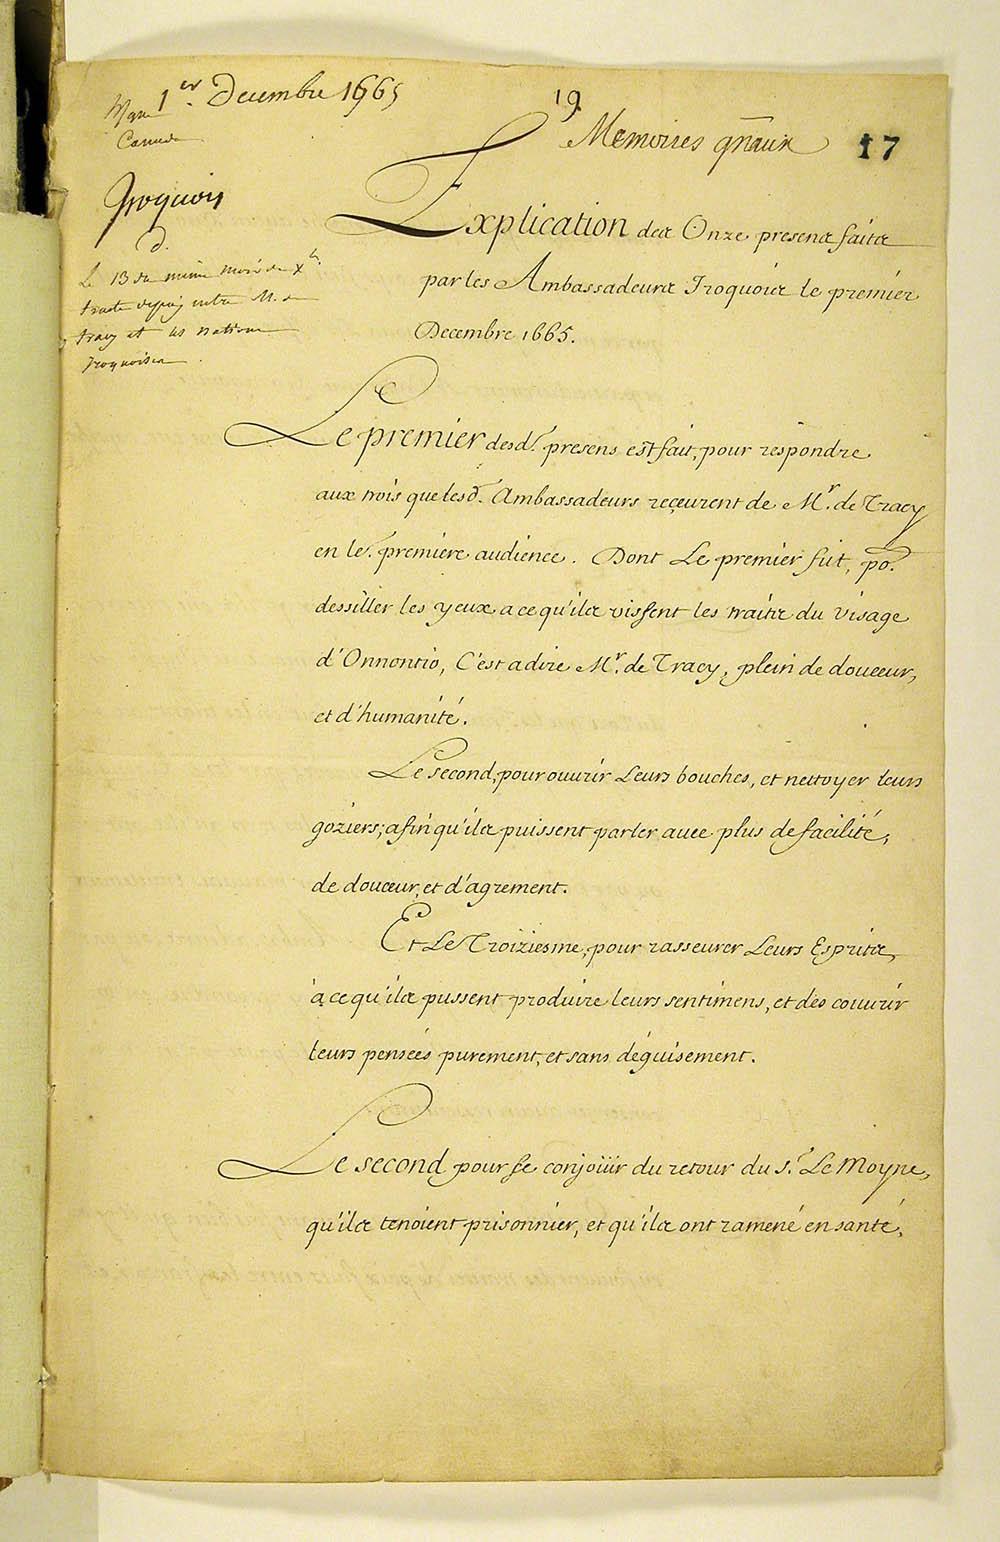 Explication des onze presens faits par les Ambassadeurs Iroquois, 1er décembre 1665. FR CAOM COL F3 2 fol. 17-20